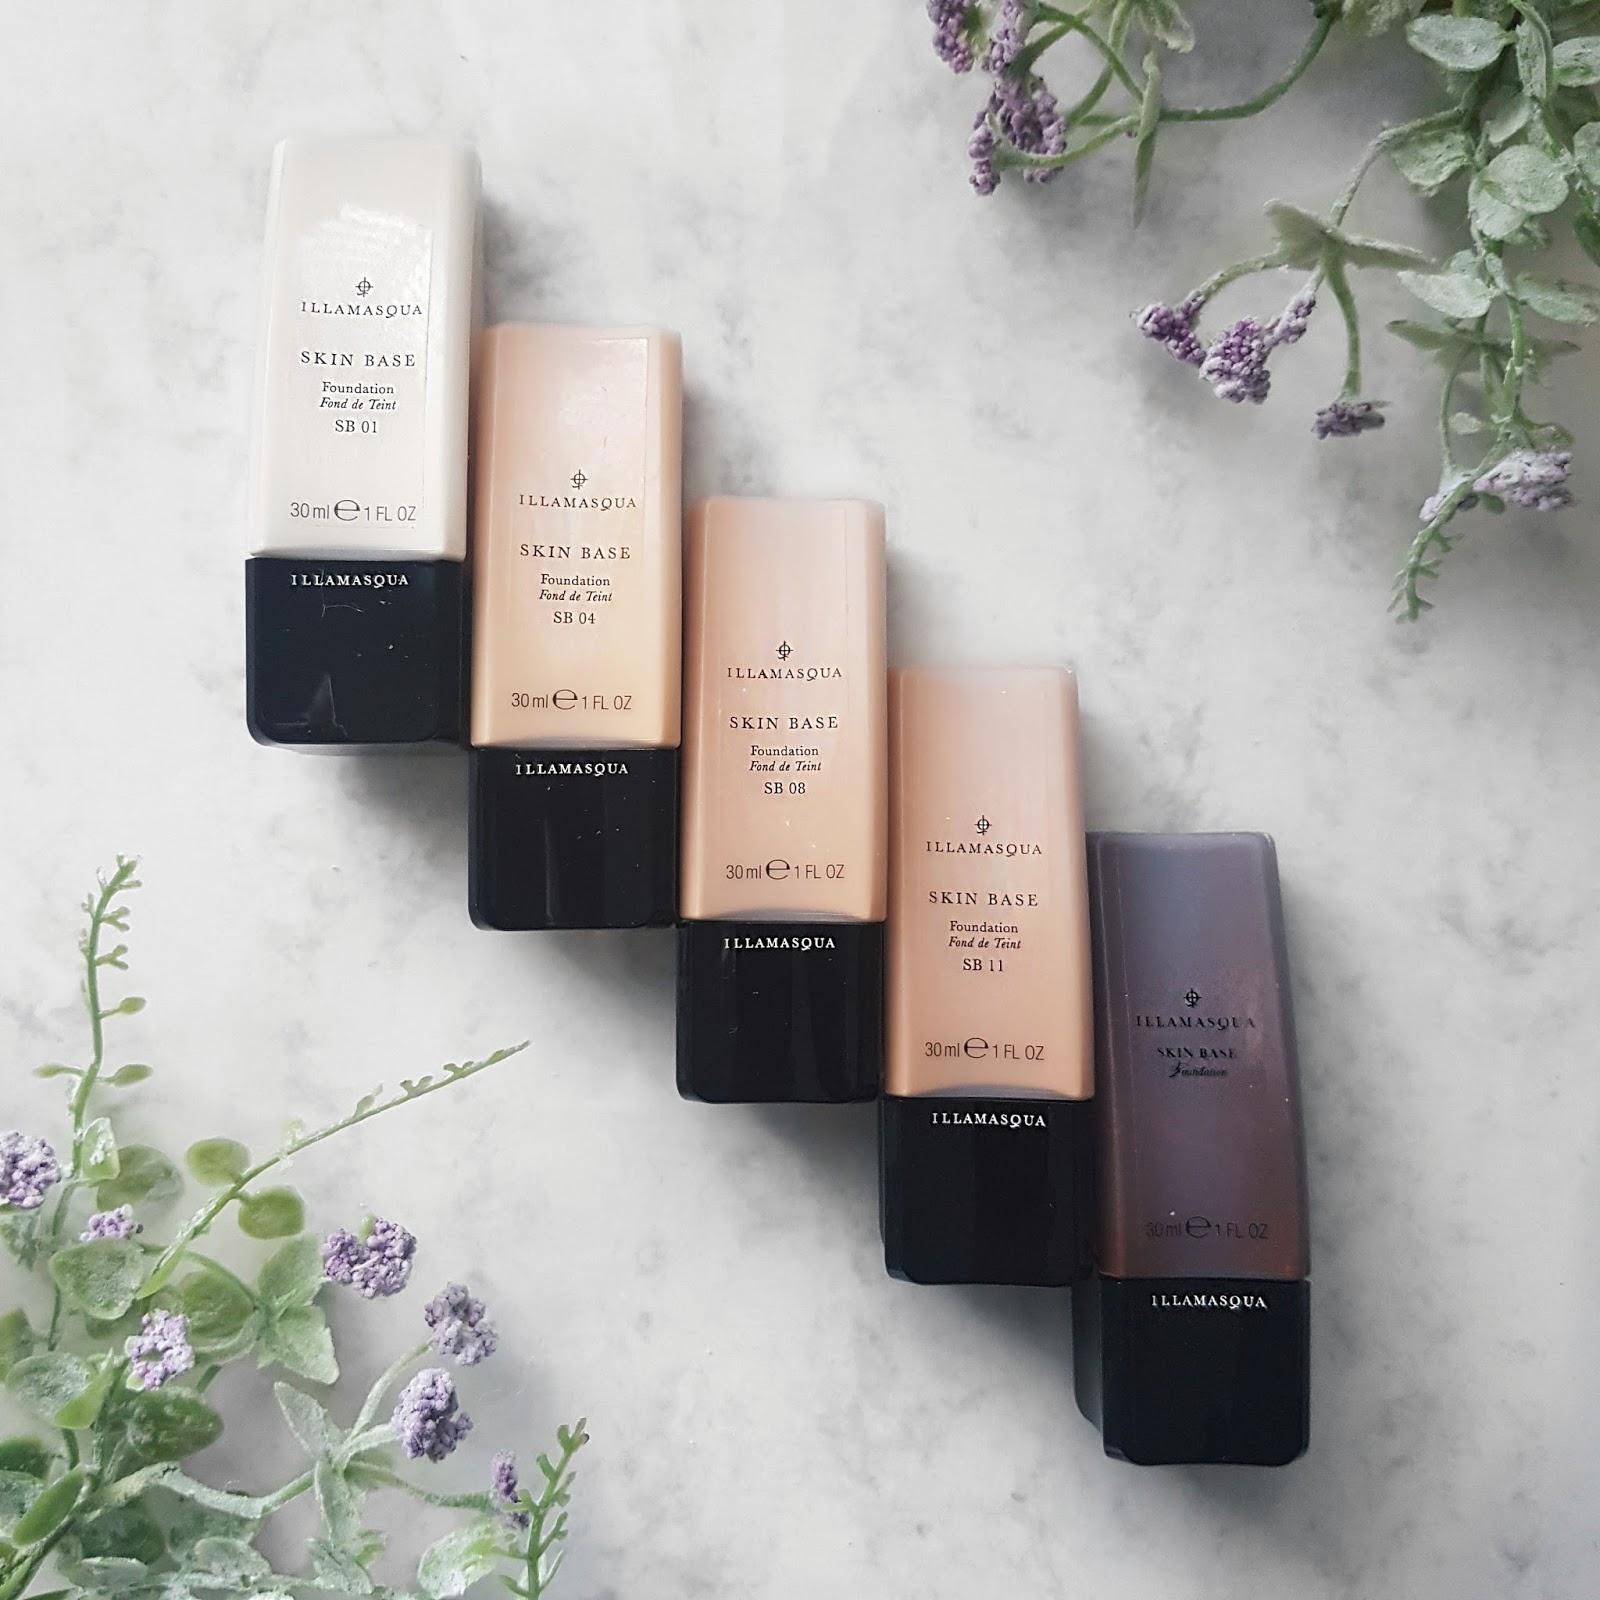 Five Bottles of Illamasqua Skin Base Foundation